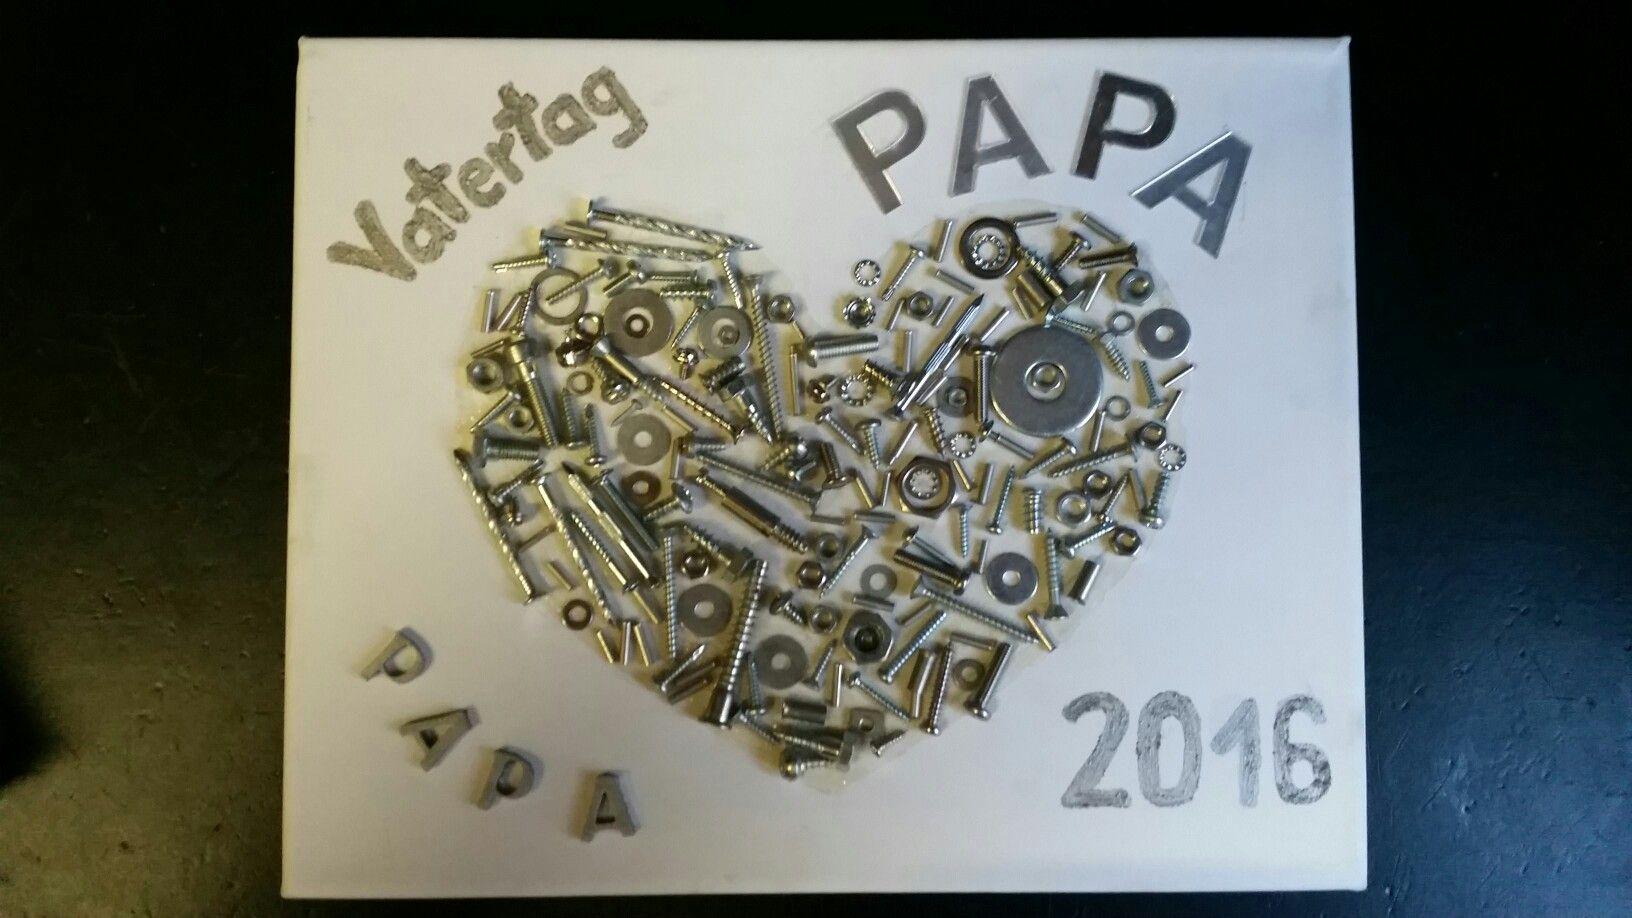 Vatertagsgeschenk Bild mit Schrauben, Muttern und Unterlegscheiben ...